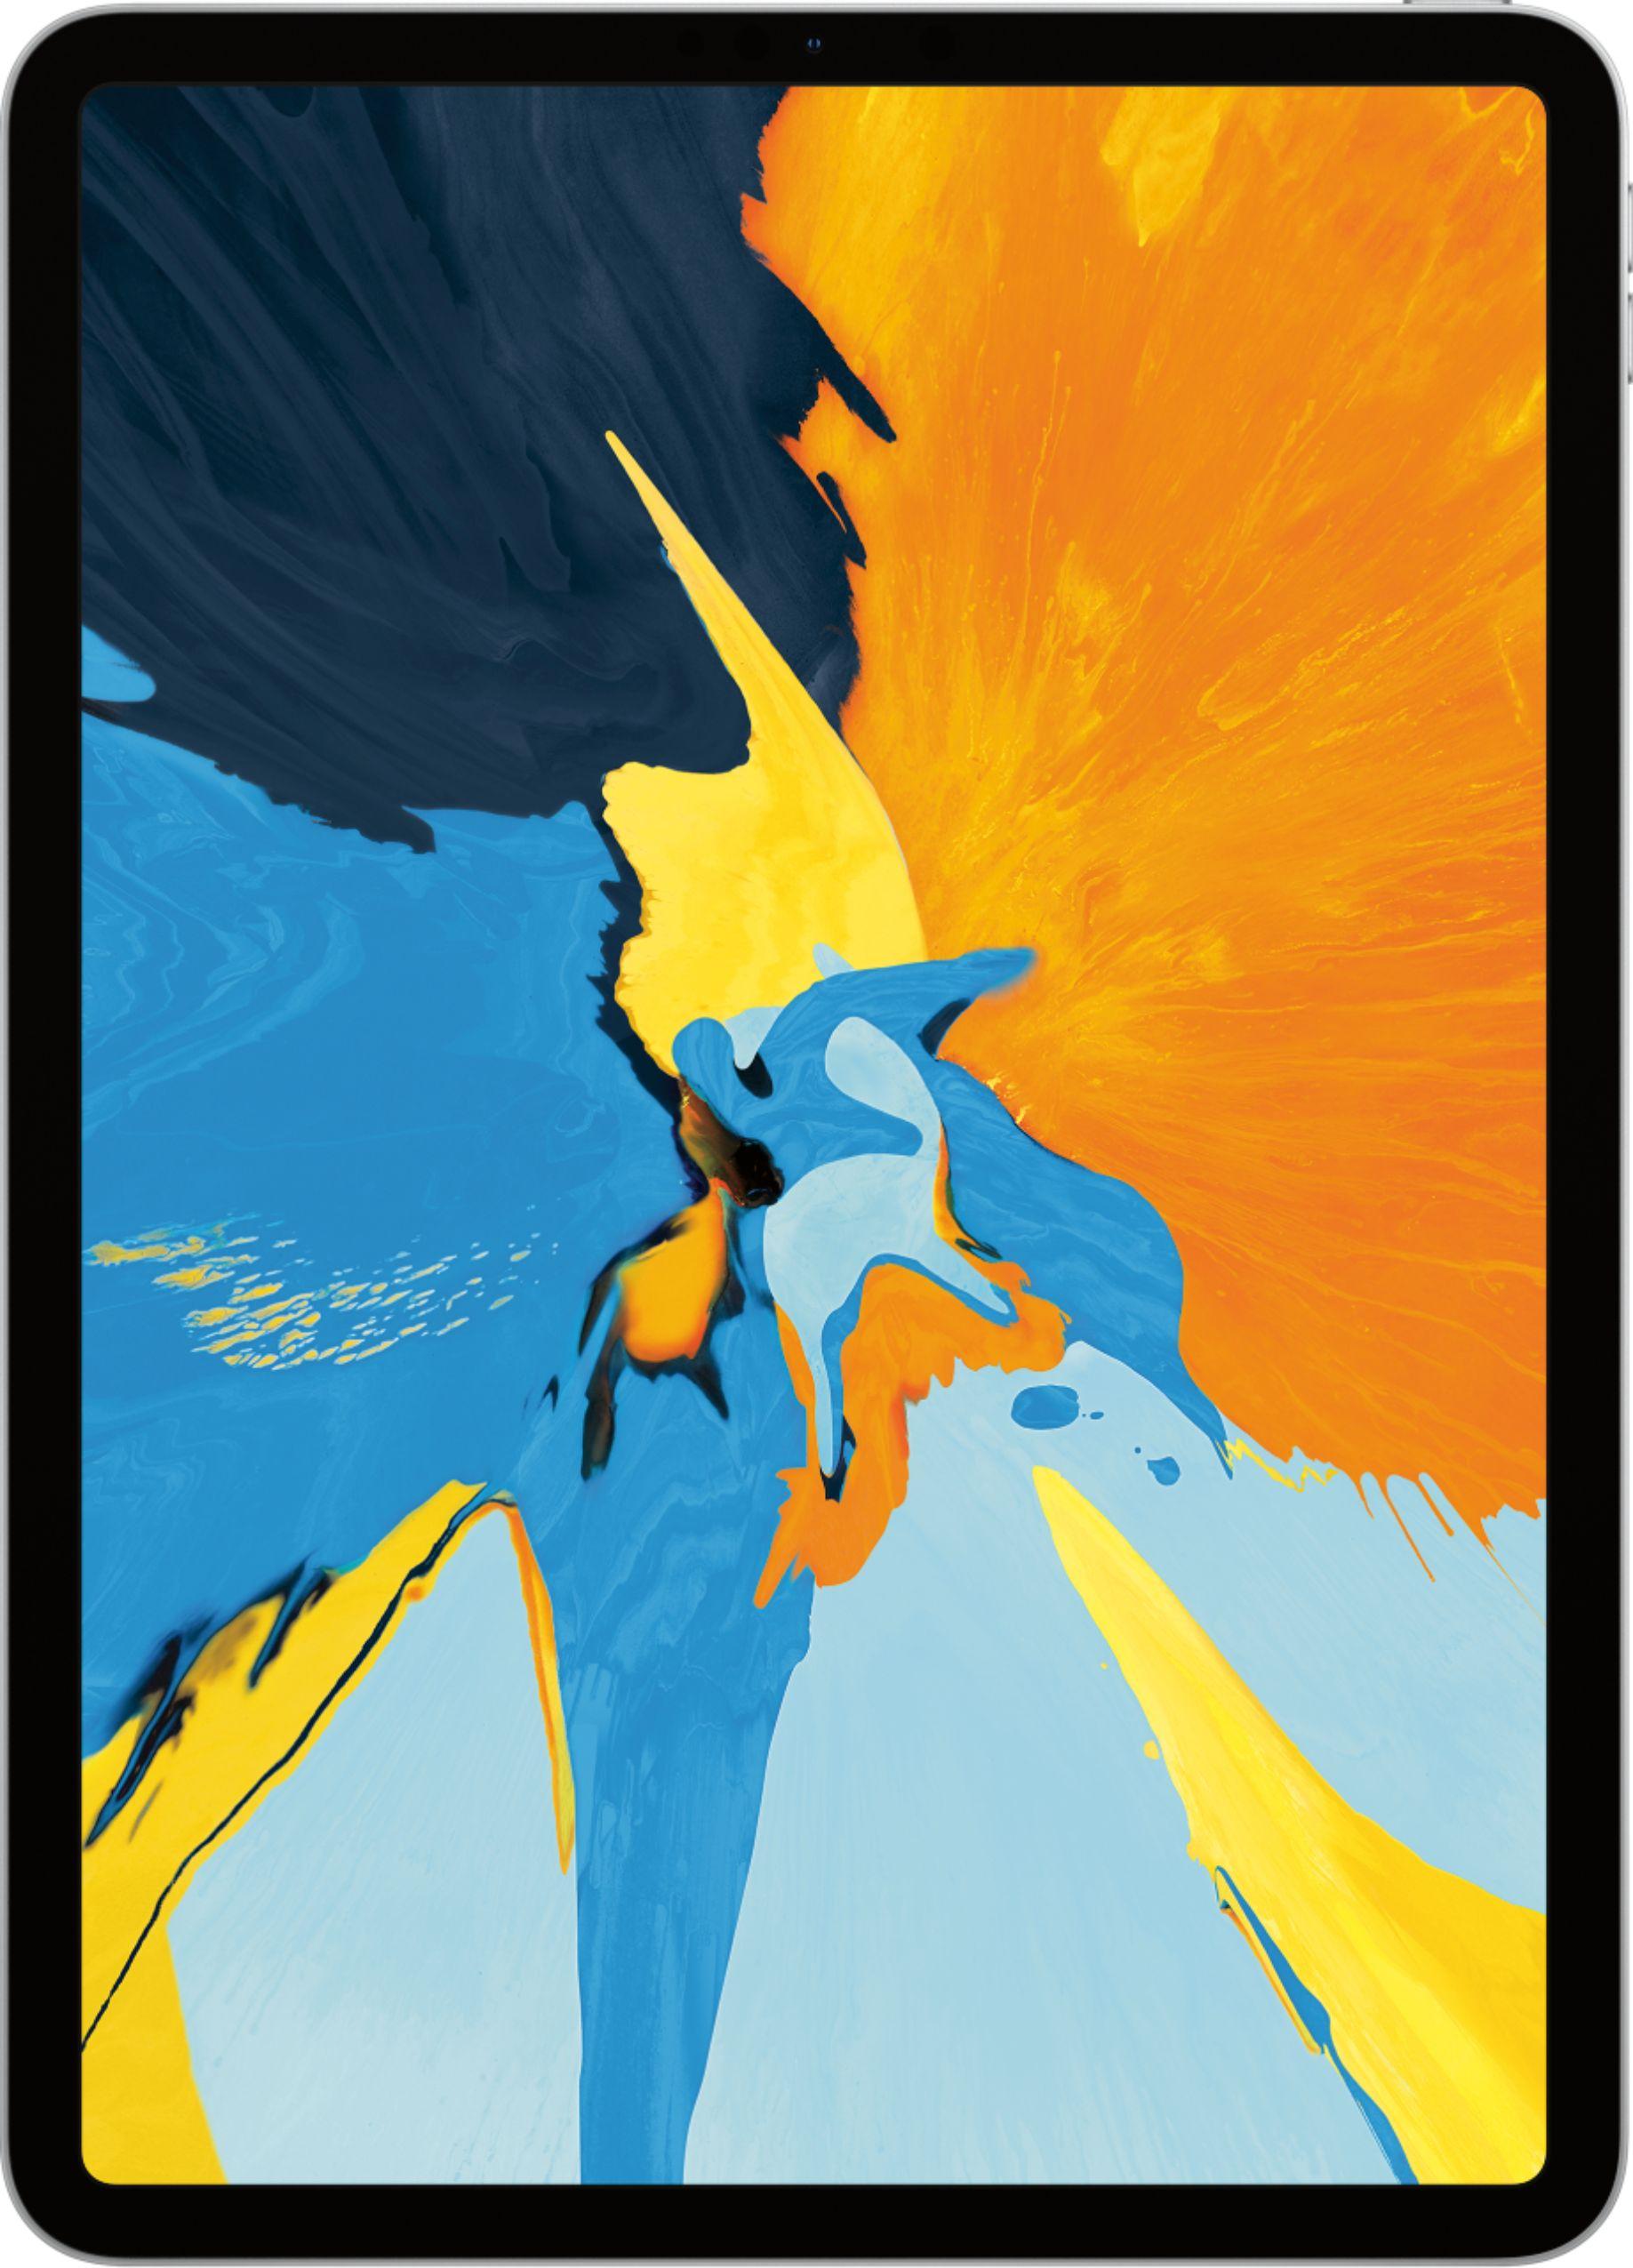 Apple 11-Inch iPad Pro (Latest Model) with Wi-Fi 256GB Silver MTXR2LL/A